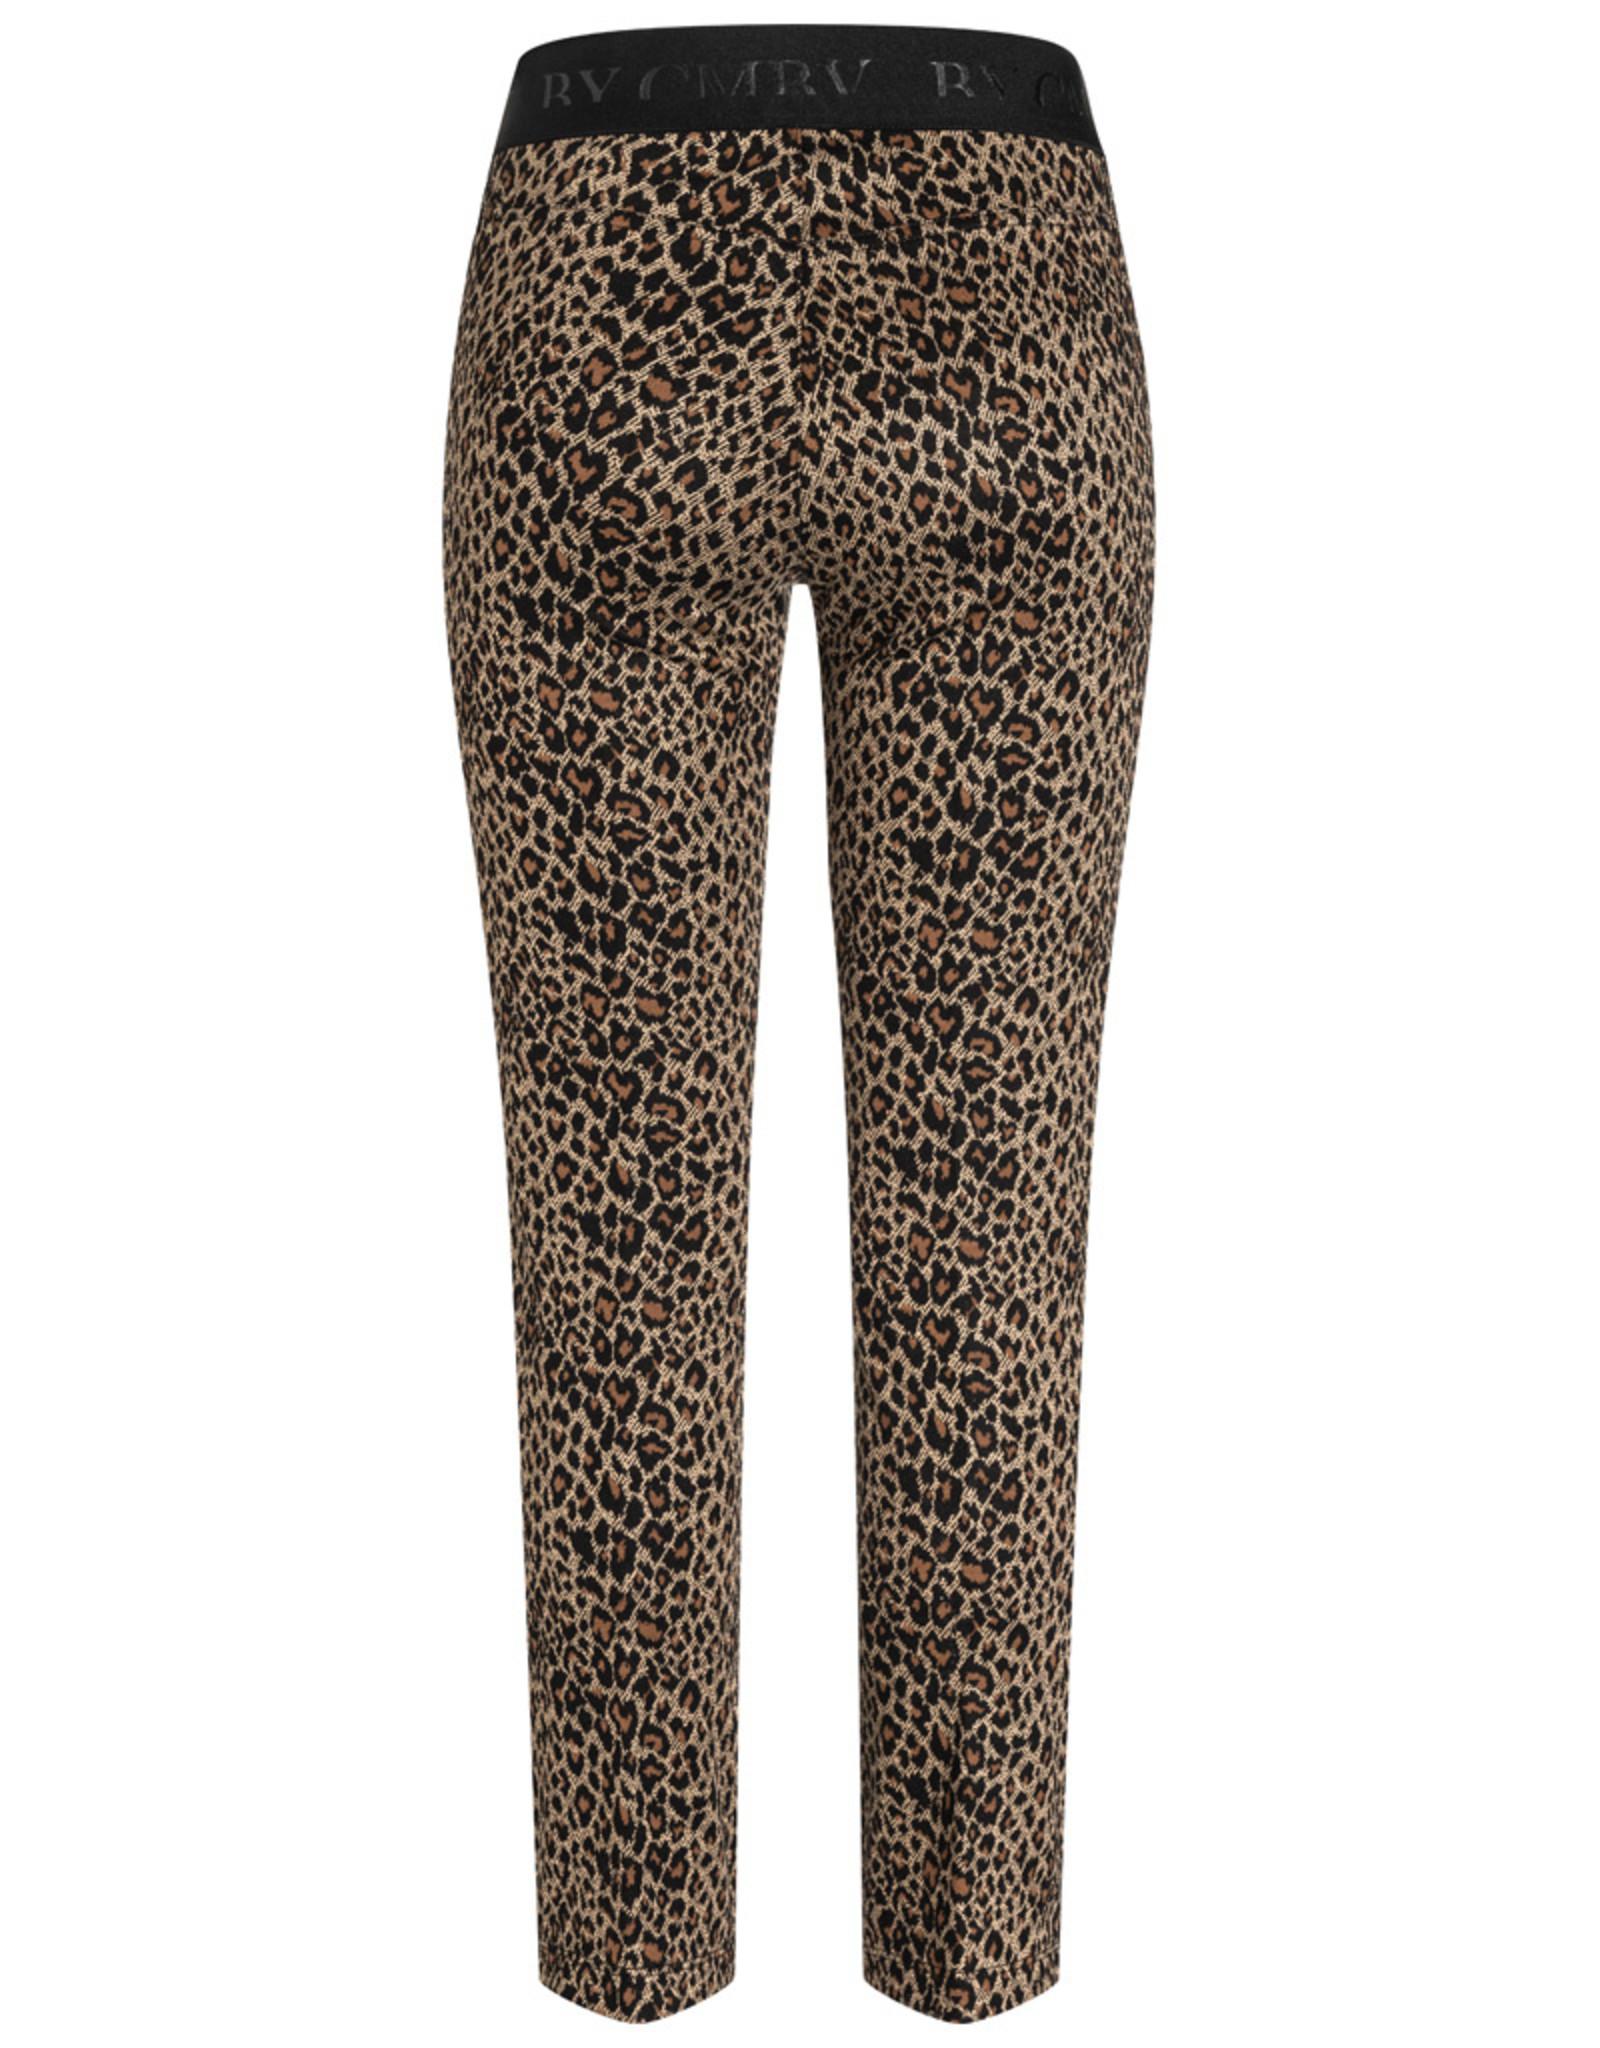 Cambio Pantalon Ranee Easy Kick Leopard